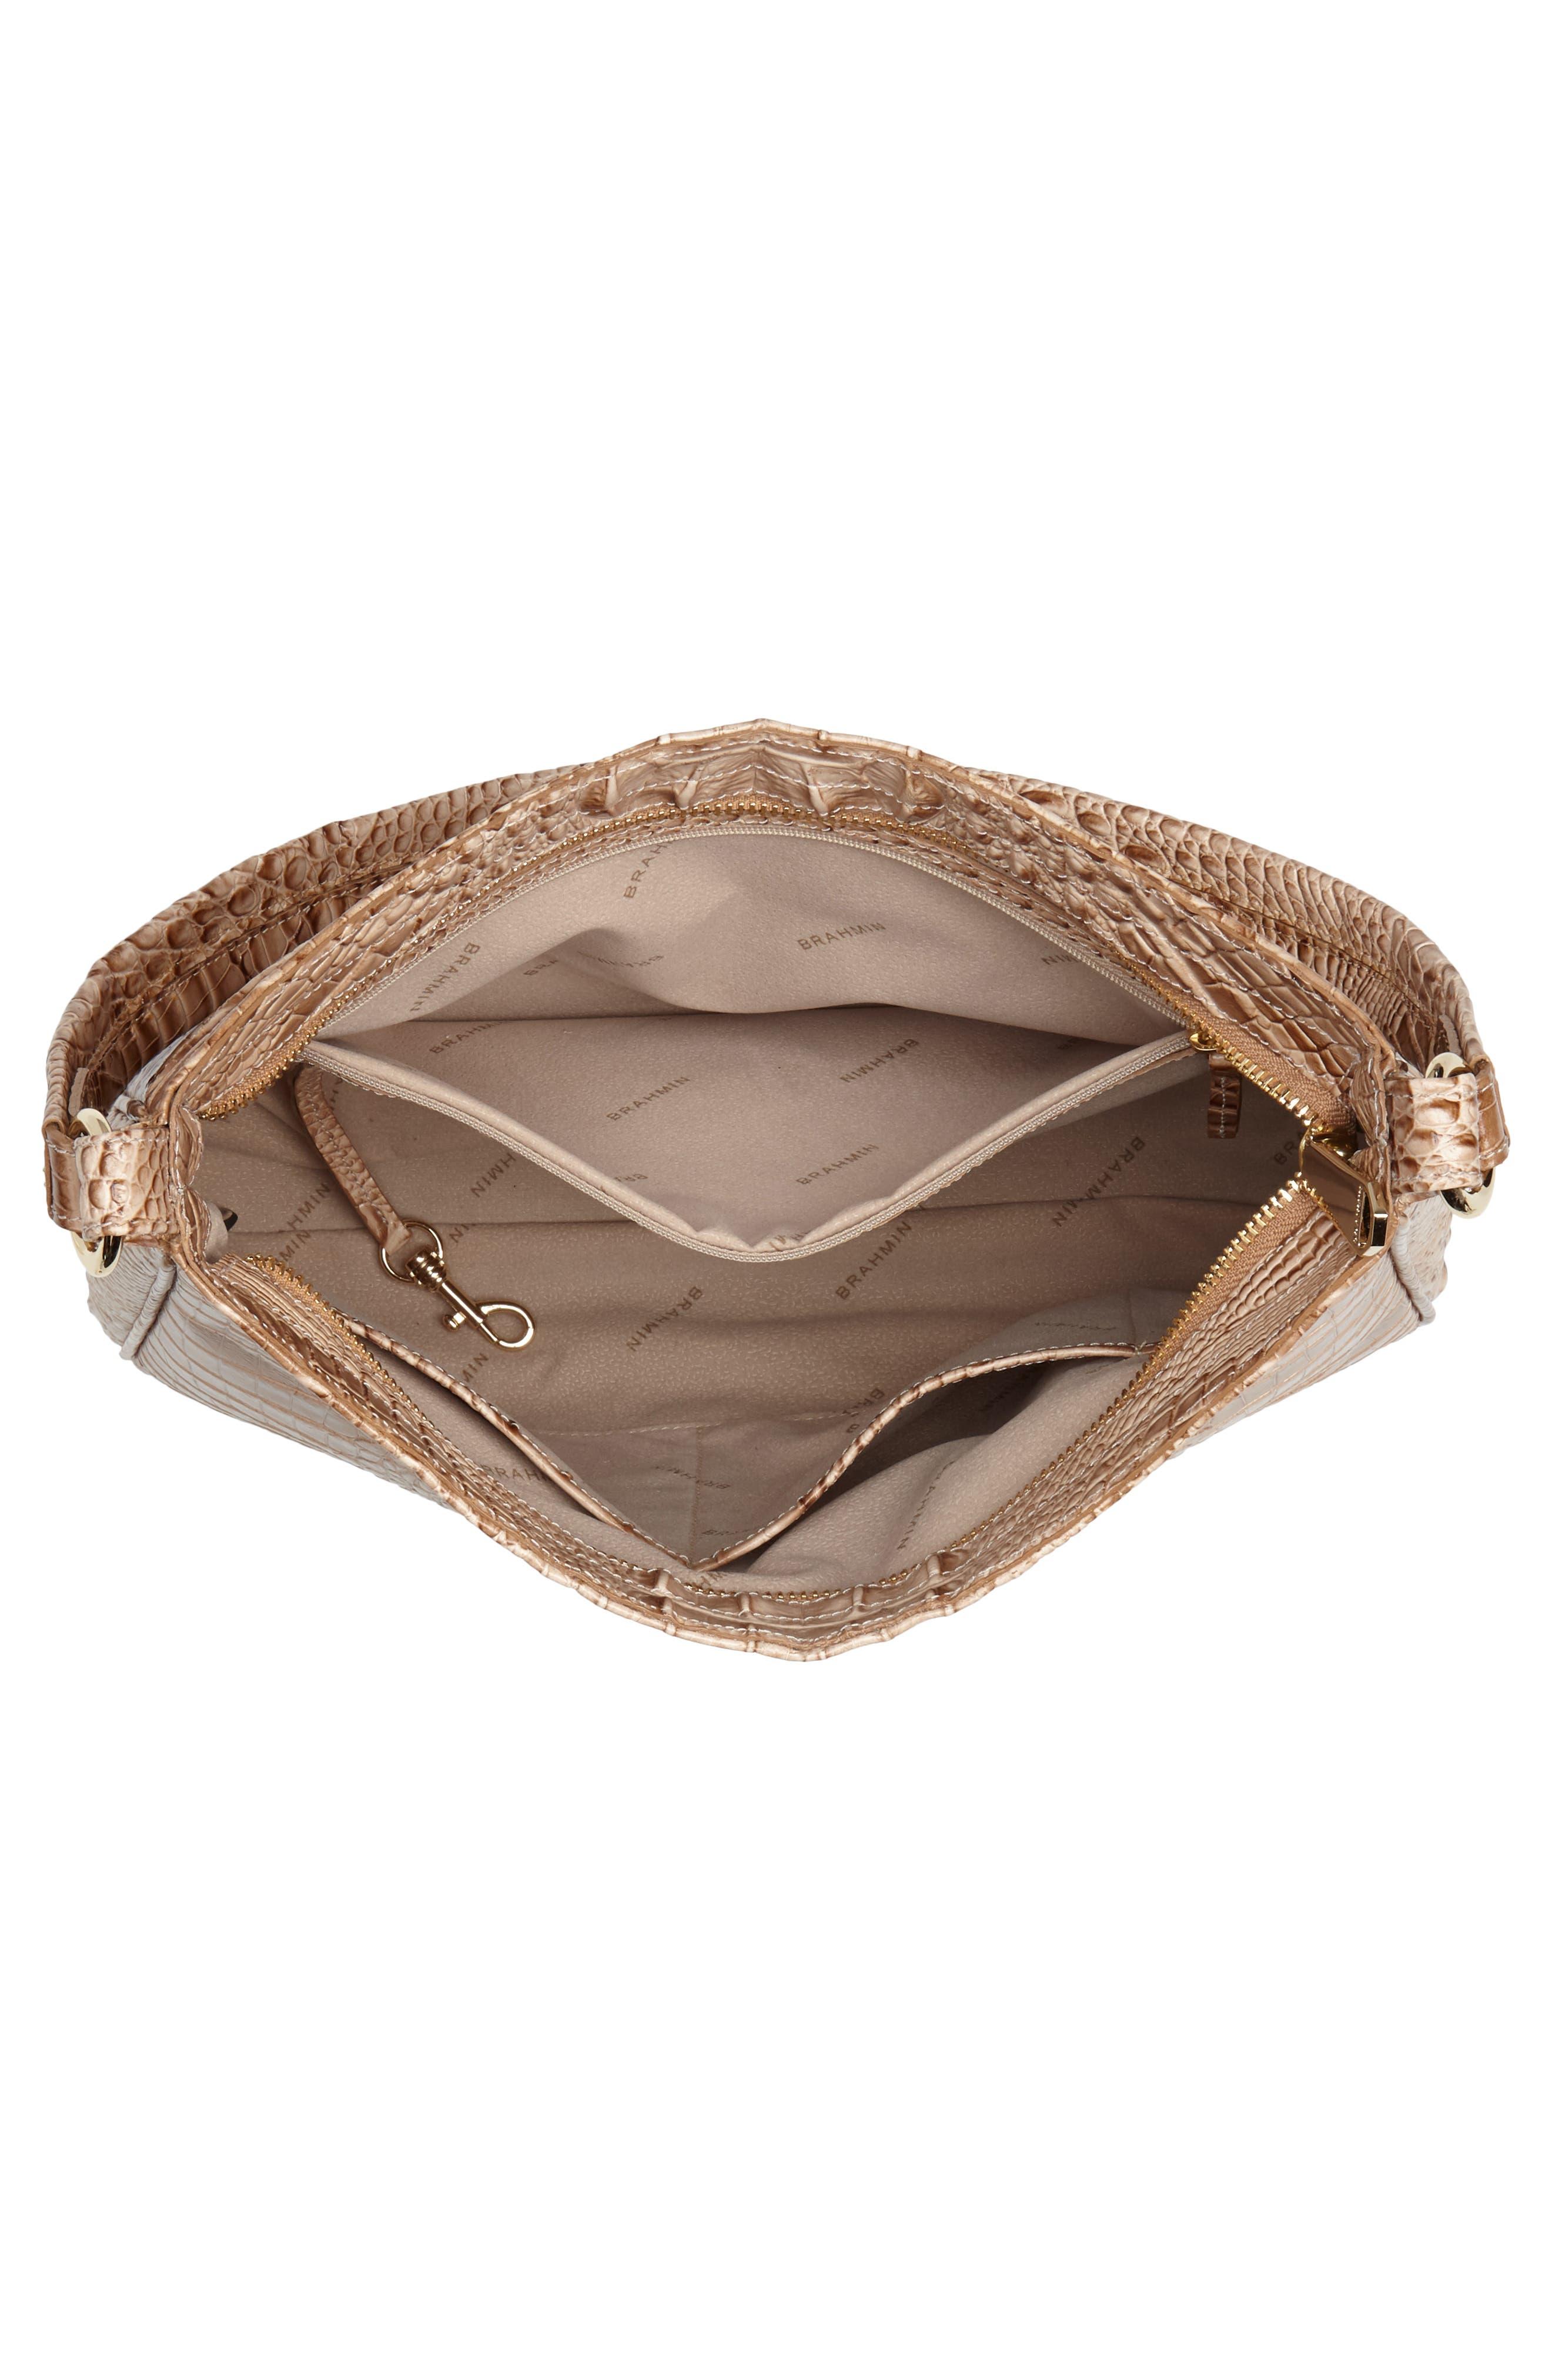 Nadia Croc Embossed Leather Shoulder Bag,                             Alternate thumbnail 4, color,                             250